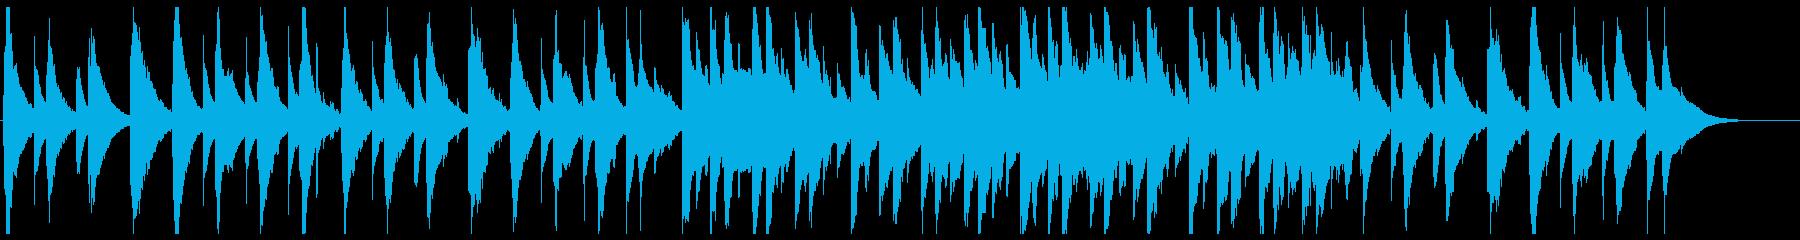 琴を主軸にした、和風でスローな旋律の再生済みの波形